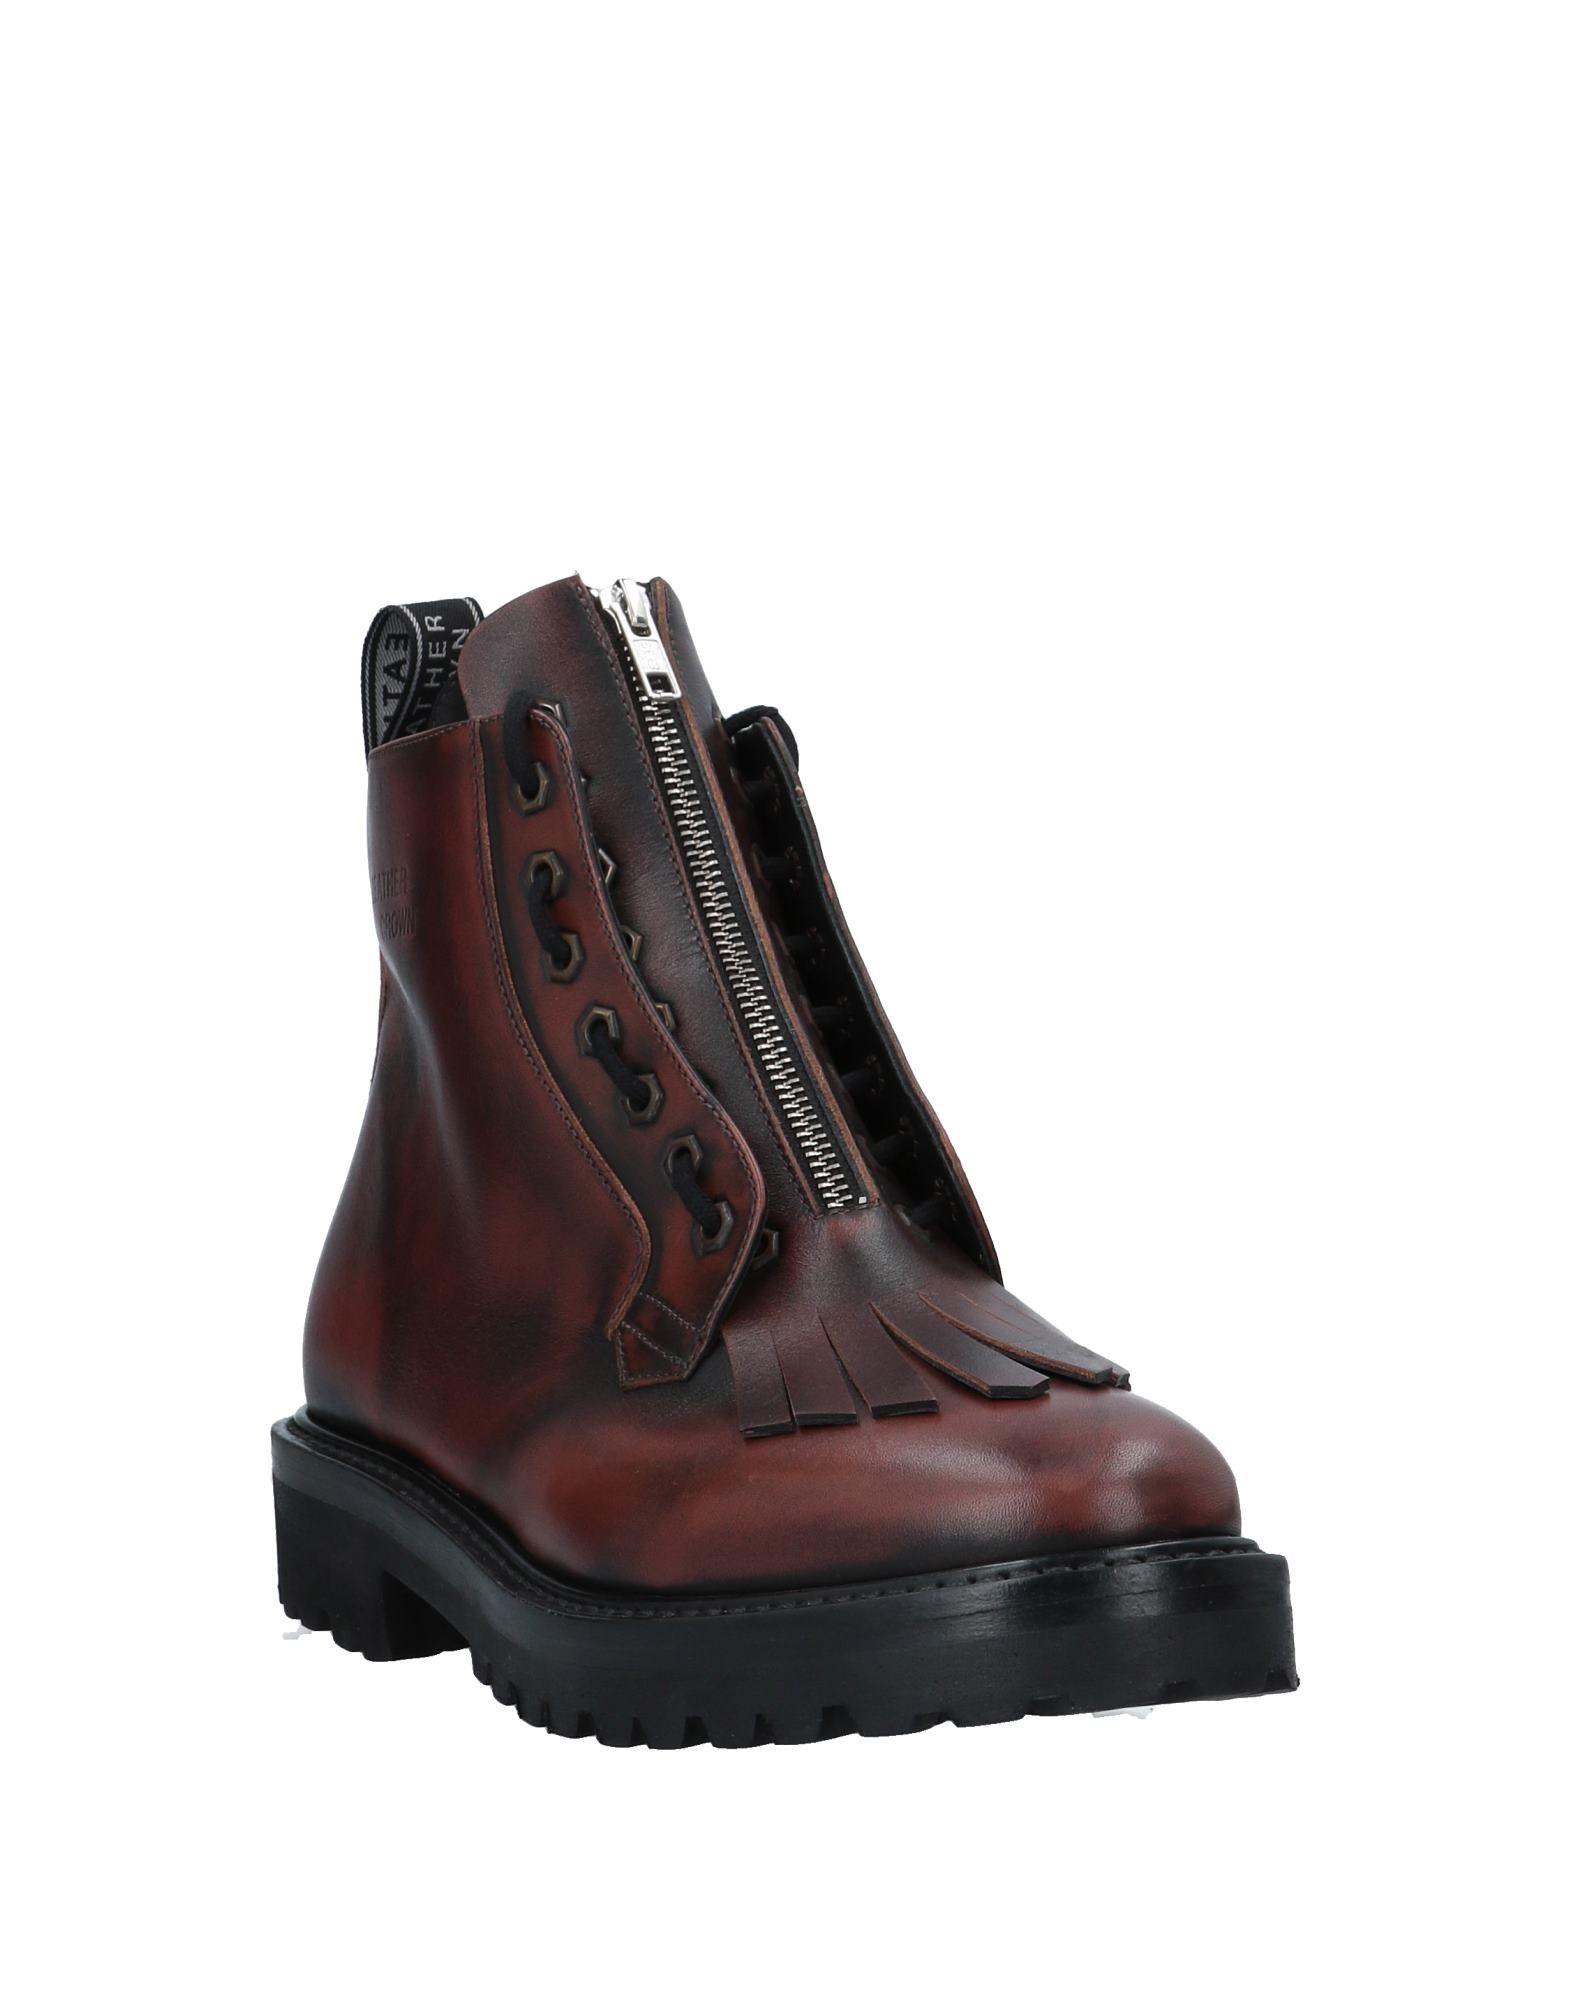 Leather Crown Stiefelette Herren  Schuhe 11536855WN Gute Qualität beliebte Schuhe  385216